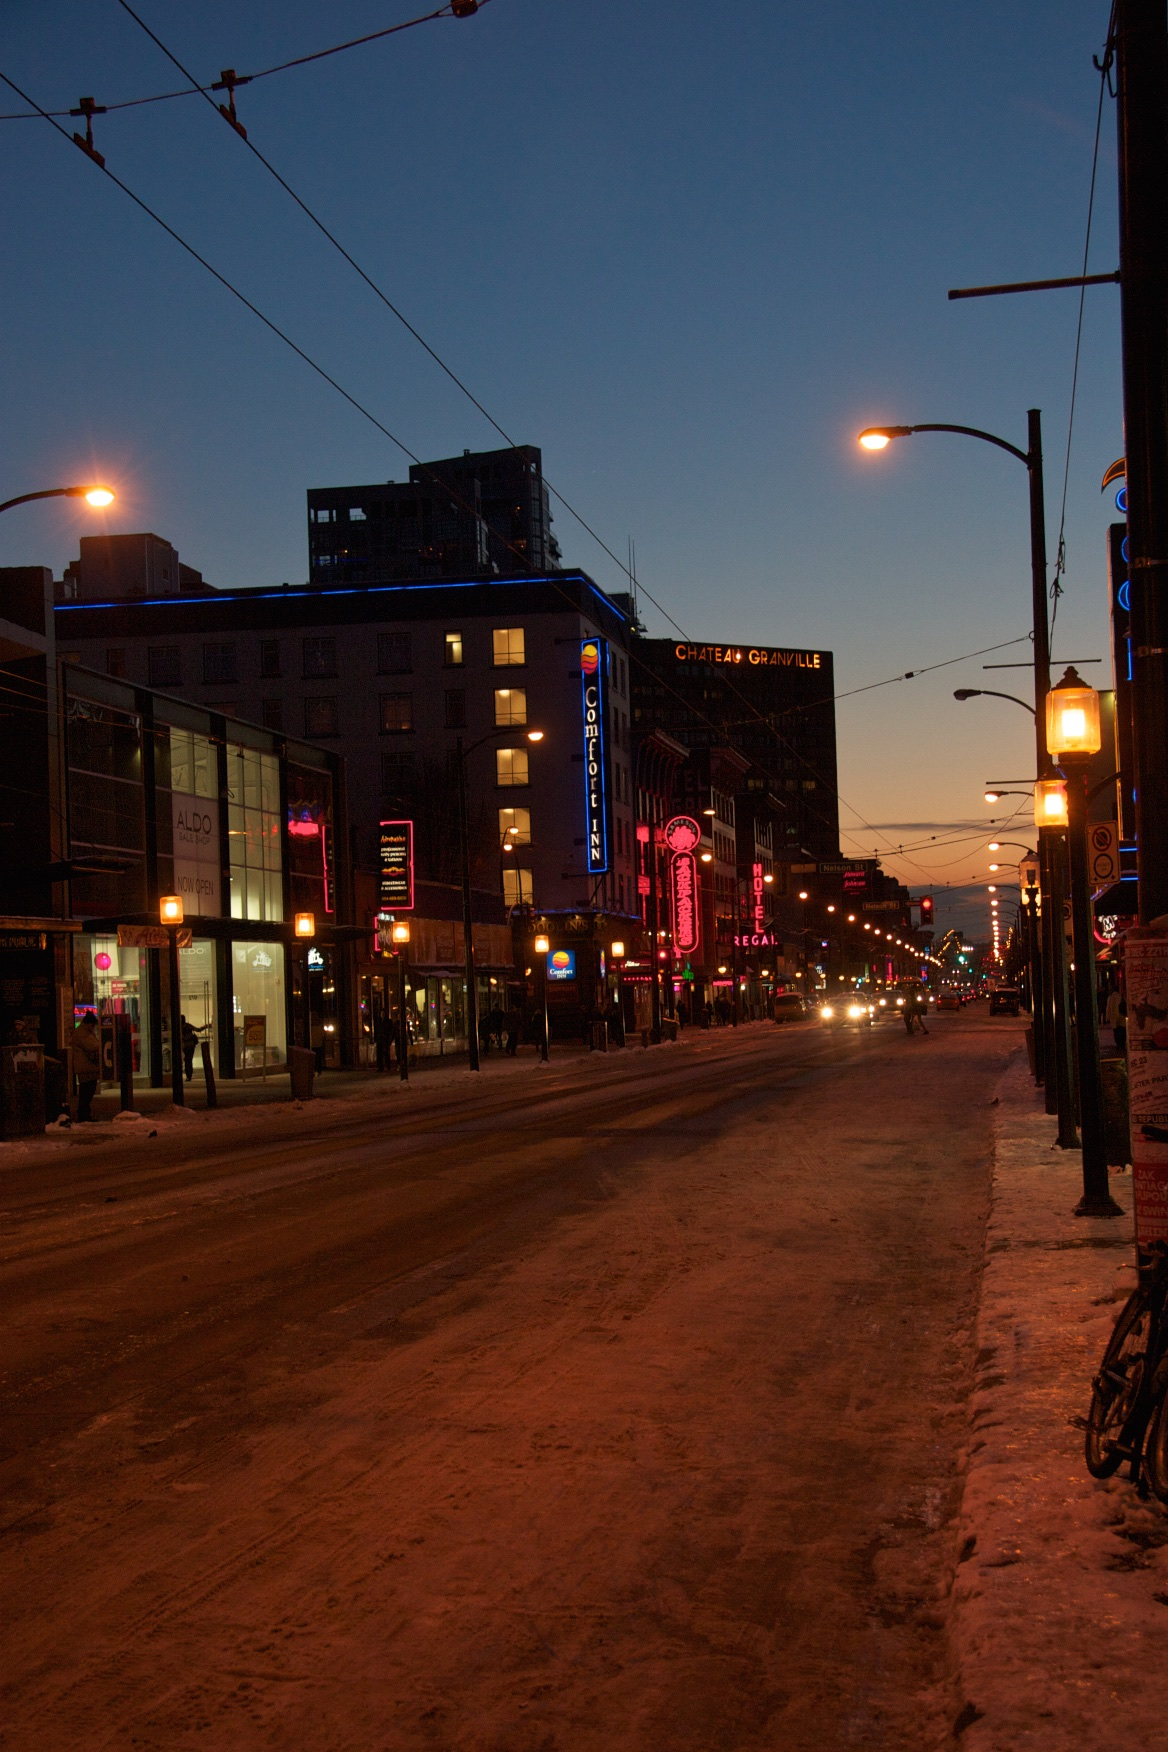 Night scene. Vancouver, Canada.